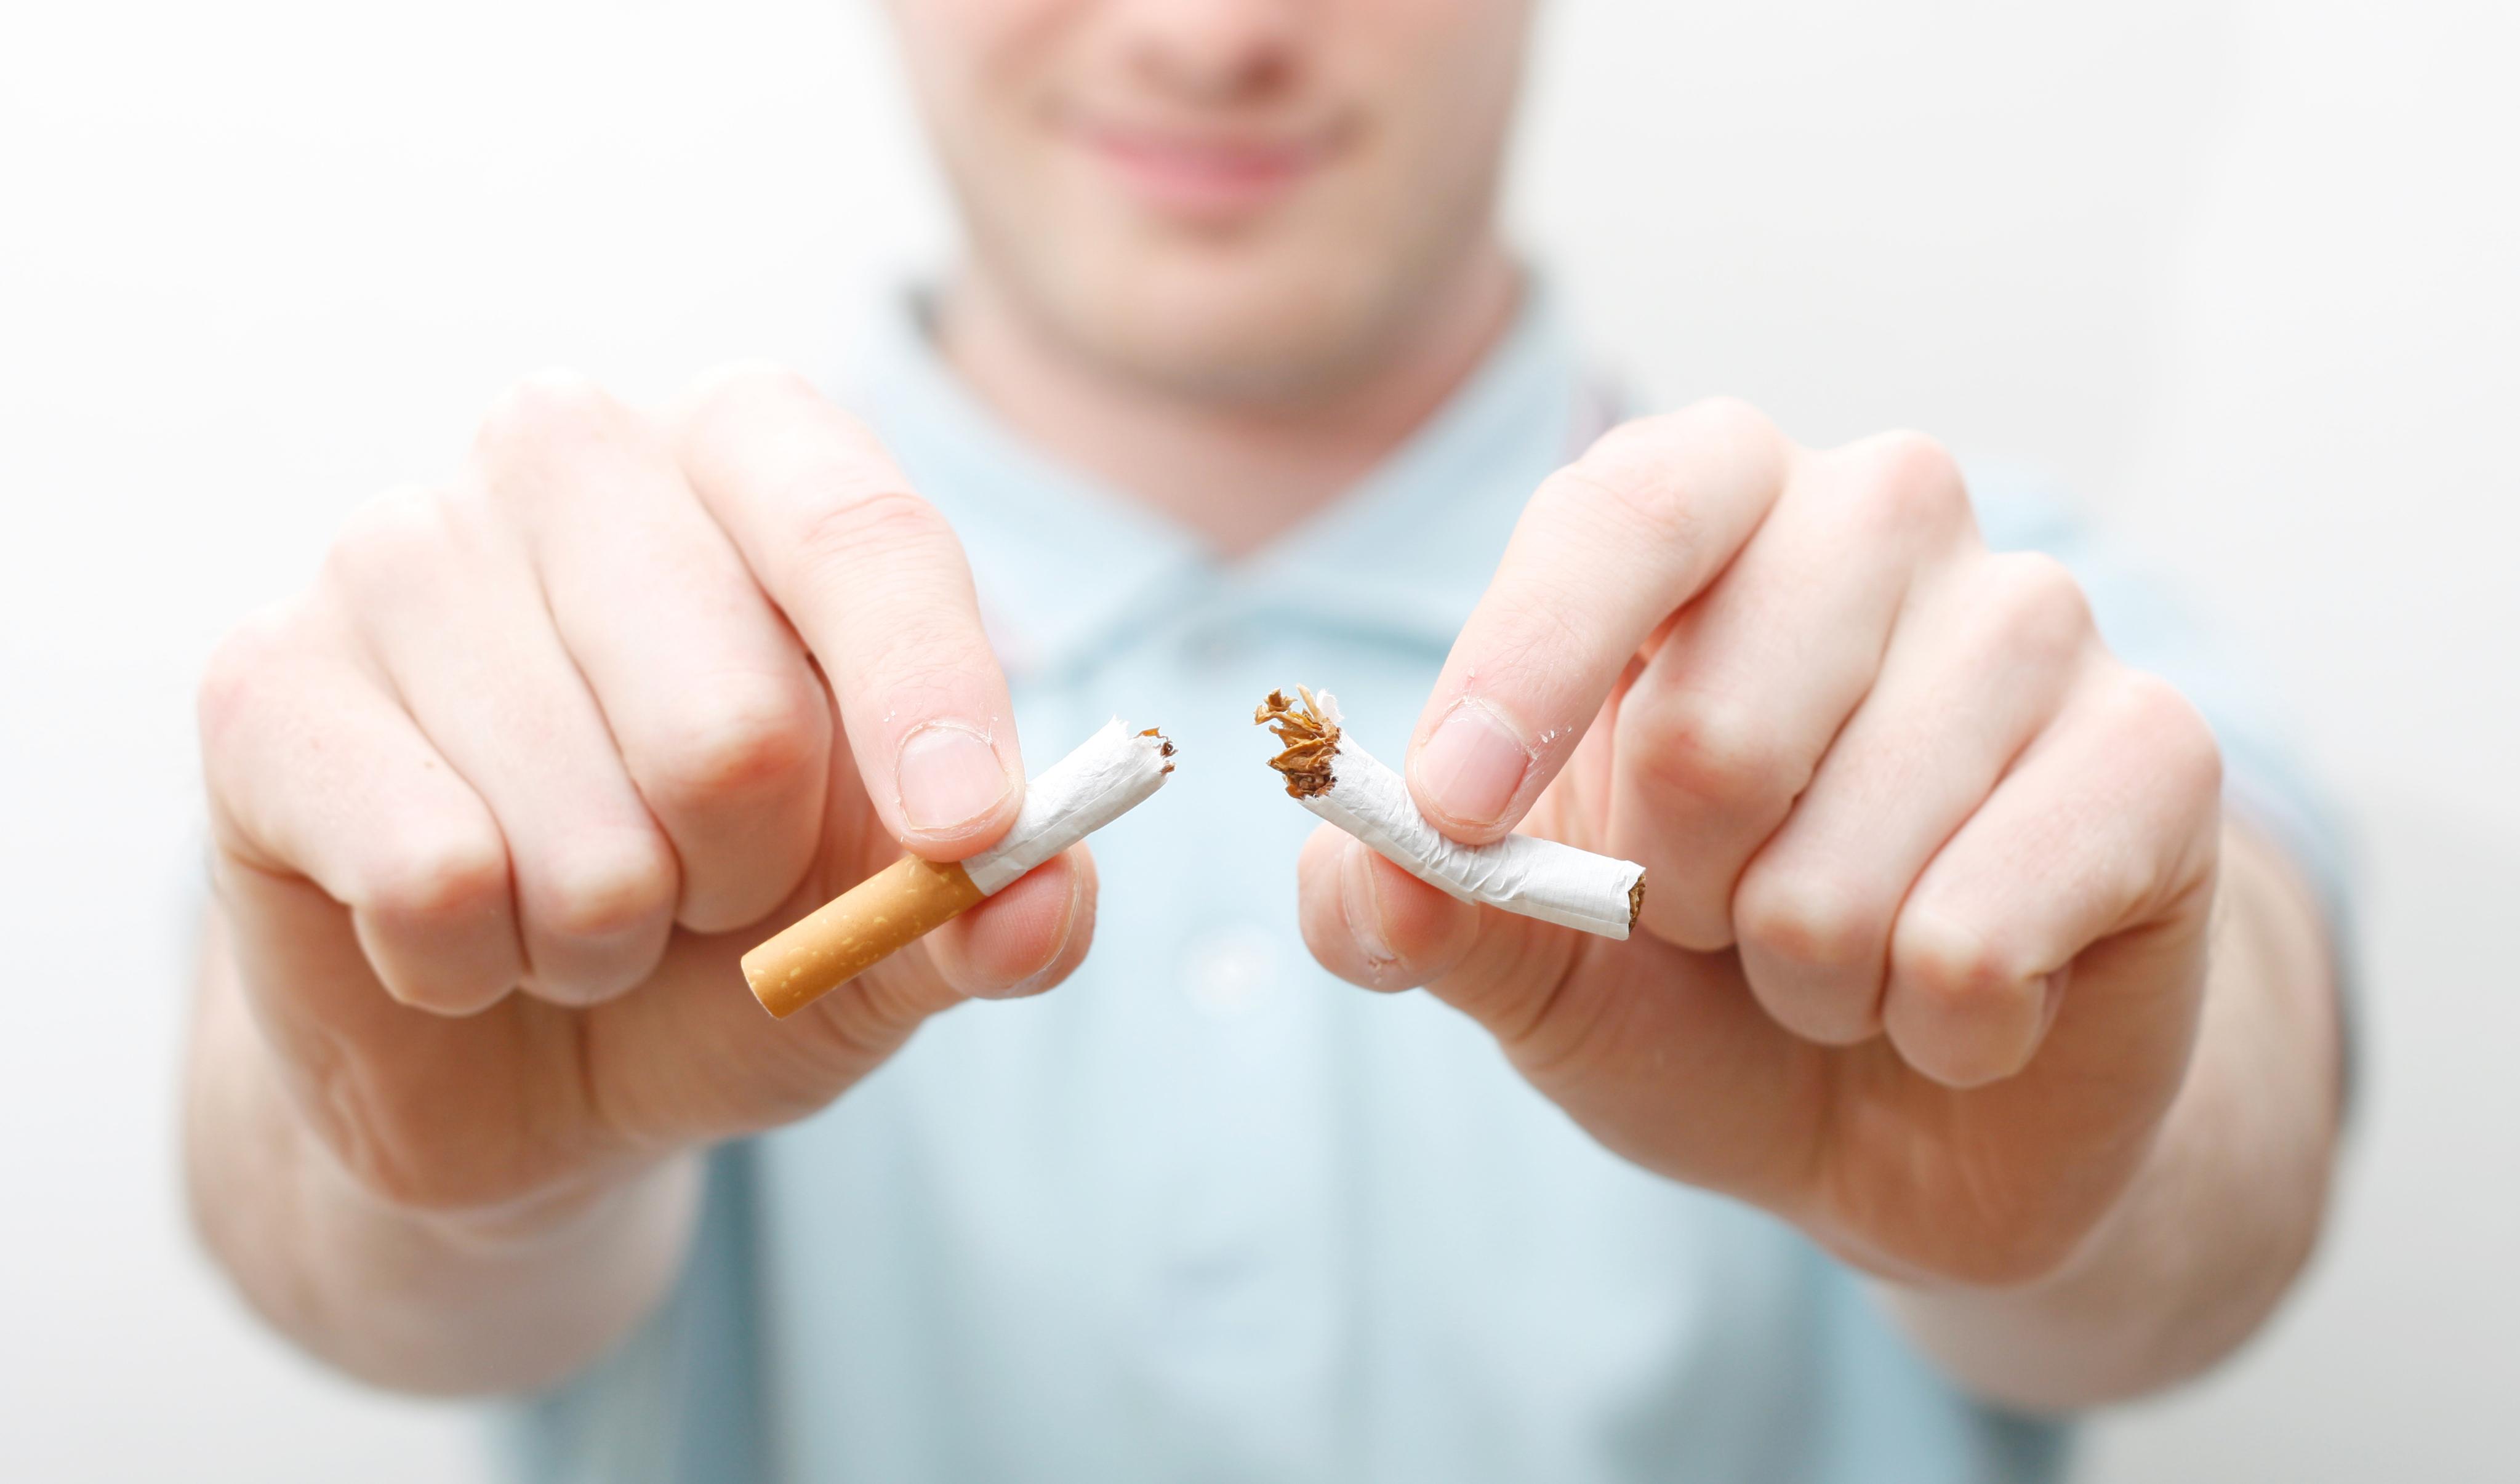 Redan efter två dagar utan cigaretter har ditt lukt- och smaksinne förbättrats betydligt och du har minskat risken att drabbas av hjärtinfarkt.